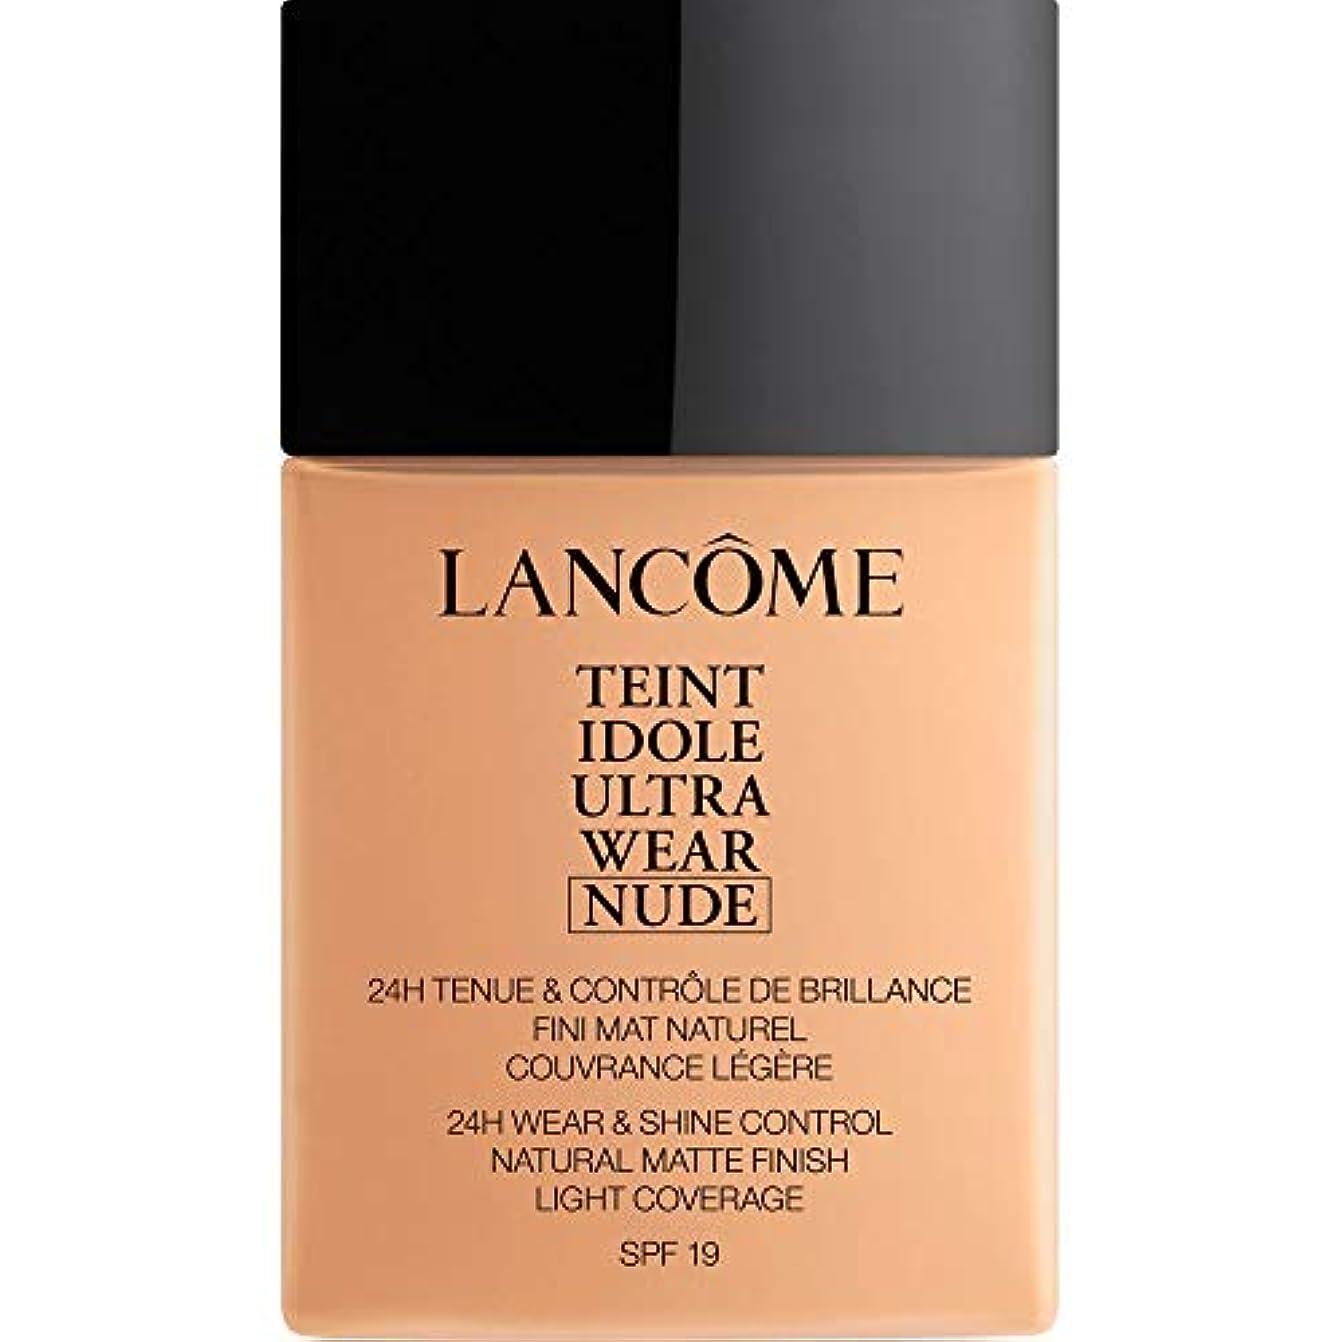 大学院取り出すバレエ[Lanc?me ] ランコムTeintのIdole超摩耗ヌード財団Spf19の40ミリリットル032 - ベージュCendre - Lancome Teint Idole Ultra Wear Nude Foundation...